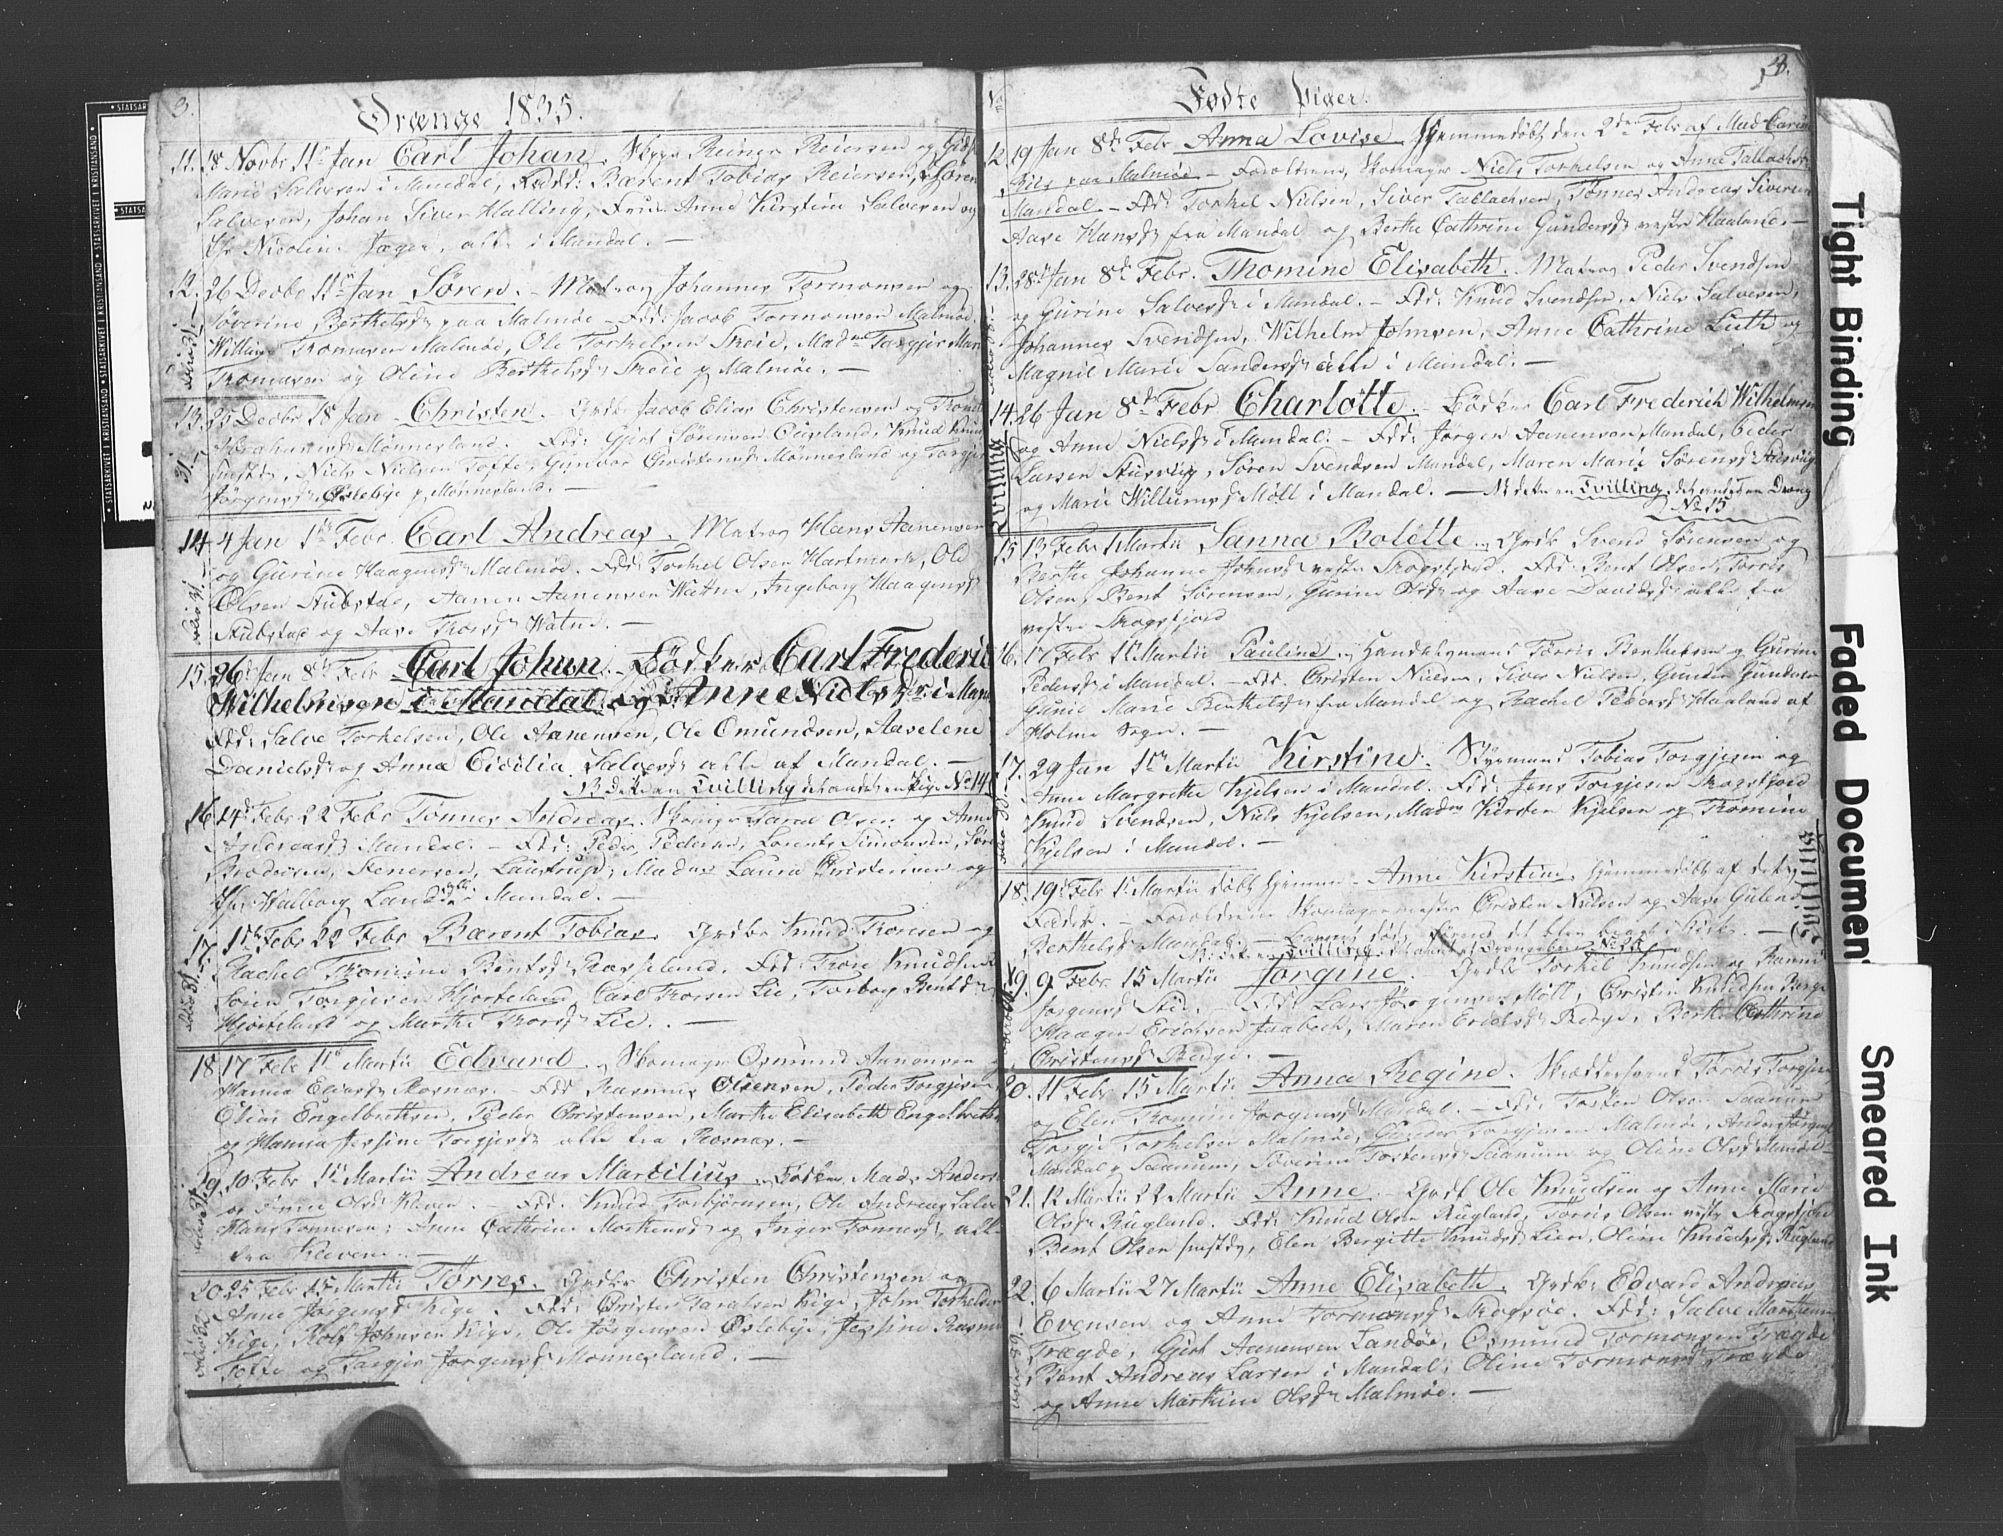 SAK, Mandal sokneprestkontor, F/Fb/Fba/L0003: Klokkerbok nr. B 1C, 1834-1838, s. 3